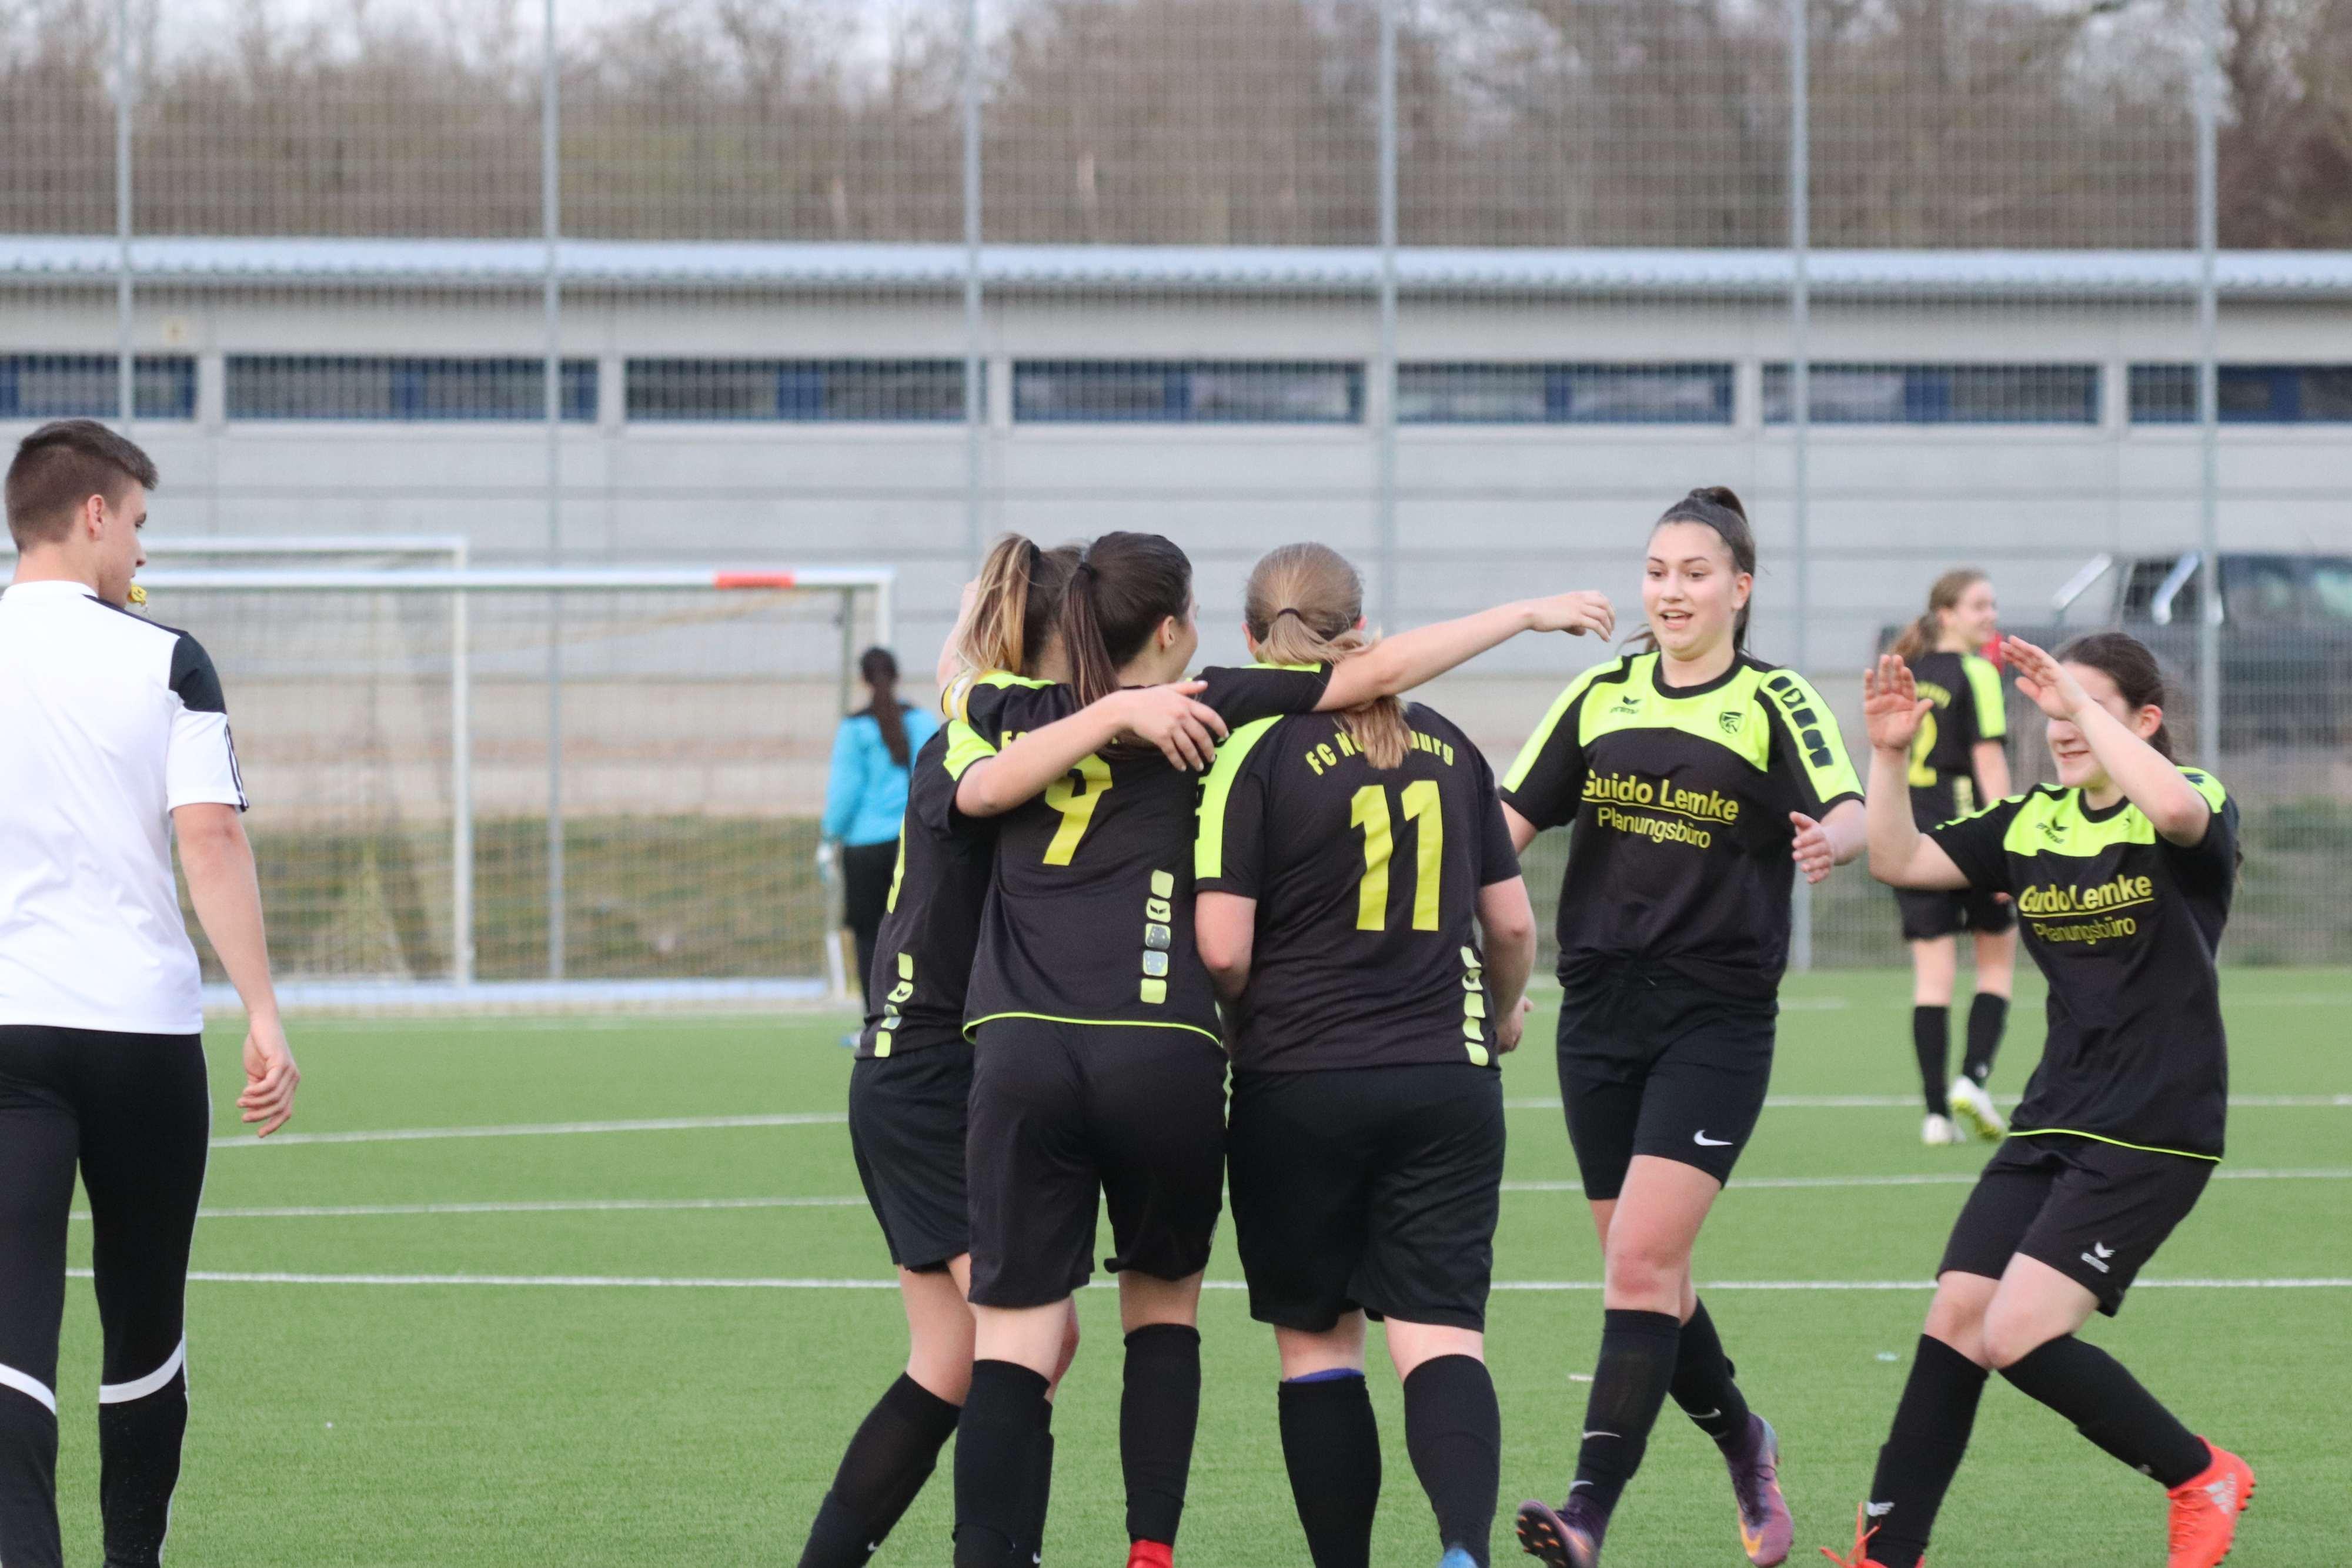 B-Juniorinnen: Hart erkämpfter 4:2 Heimsieg gegen die SG Wolfenweiler